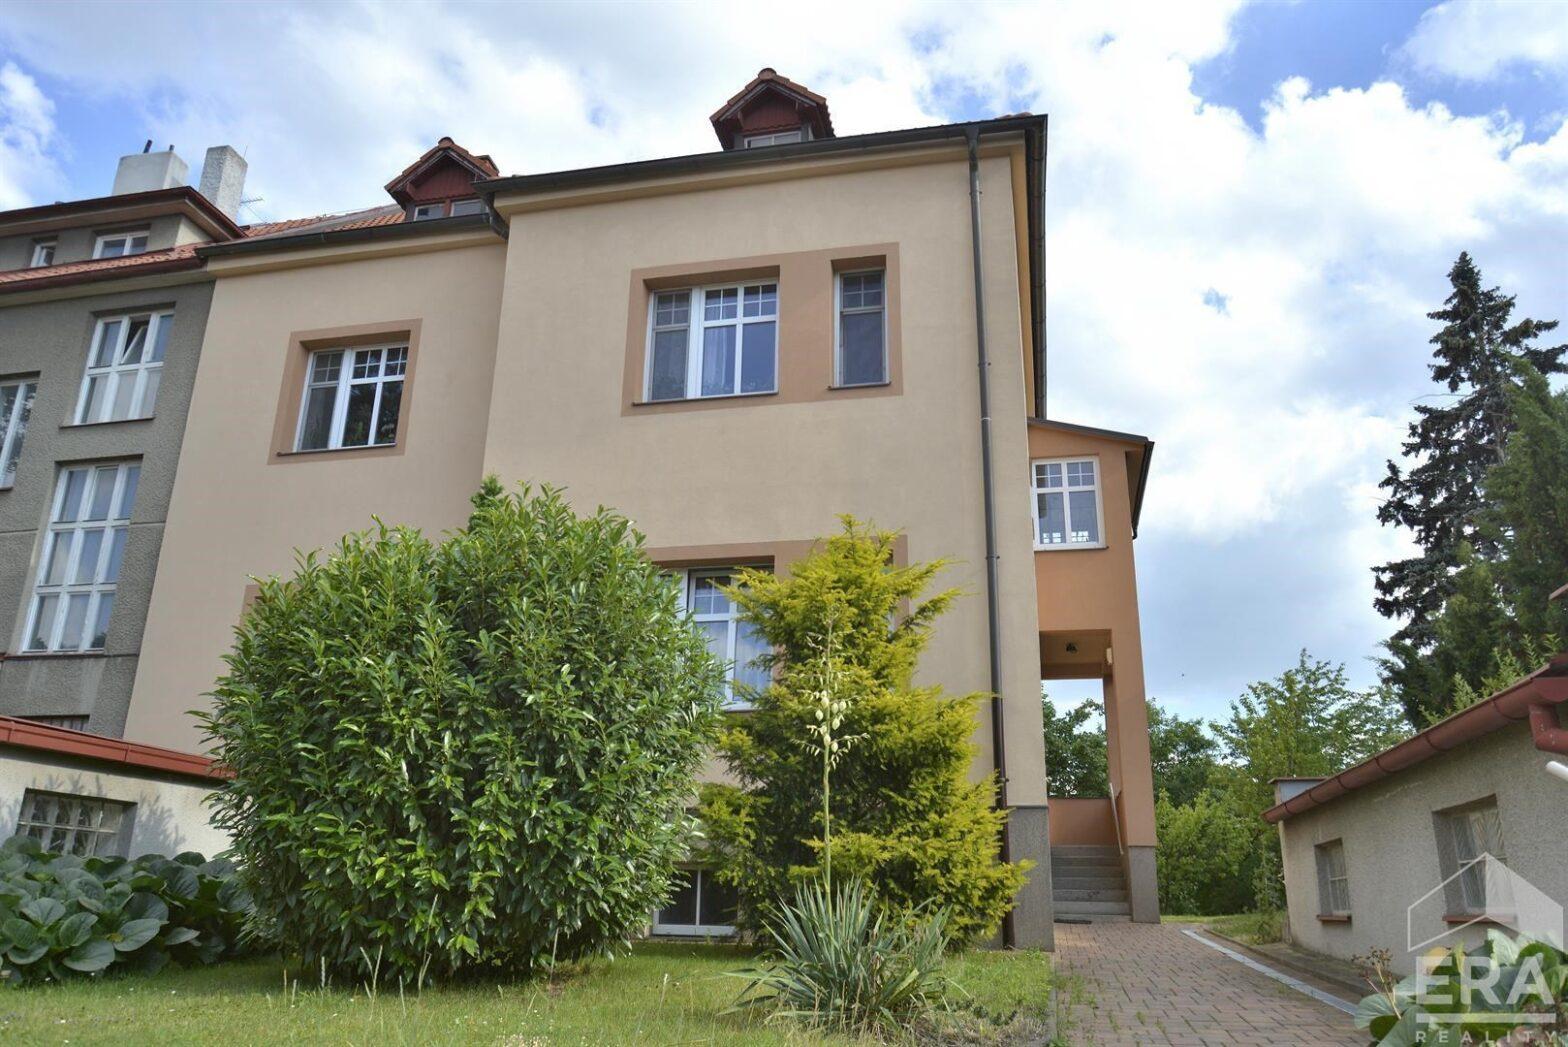 Exklusivní nabídka – prodej dvougenerační vily ve Strašnicích 381 m2 užitná plocha, 2 samostatné byty, 2 garáže, zahrada cca 800m2                              ul. Běchovická                                                        Cena 19 950 000 Kč